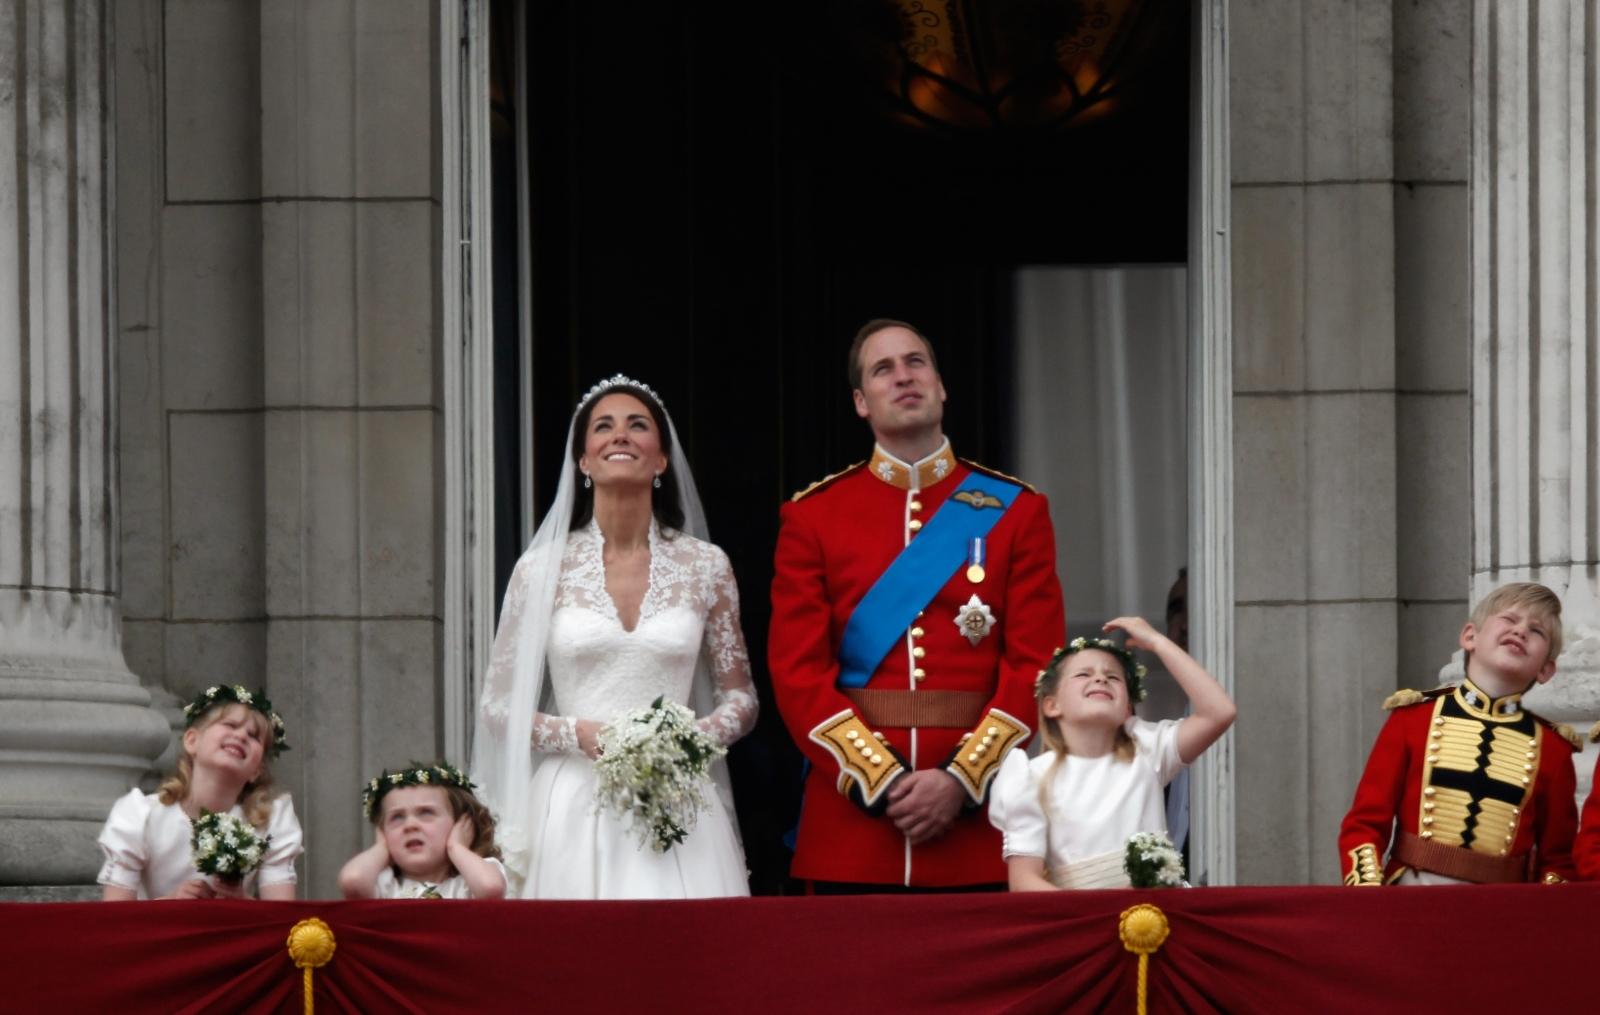 Сватбата на Кейт Мидълтън и принц Уилям е била предавана на живо в 188 страни, без да се брои колко са били хората, гледали на церемонията през Youtube. Предполага се, че зрителите на зрелището са били над милиард.